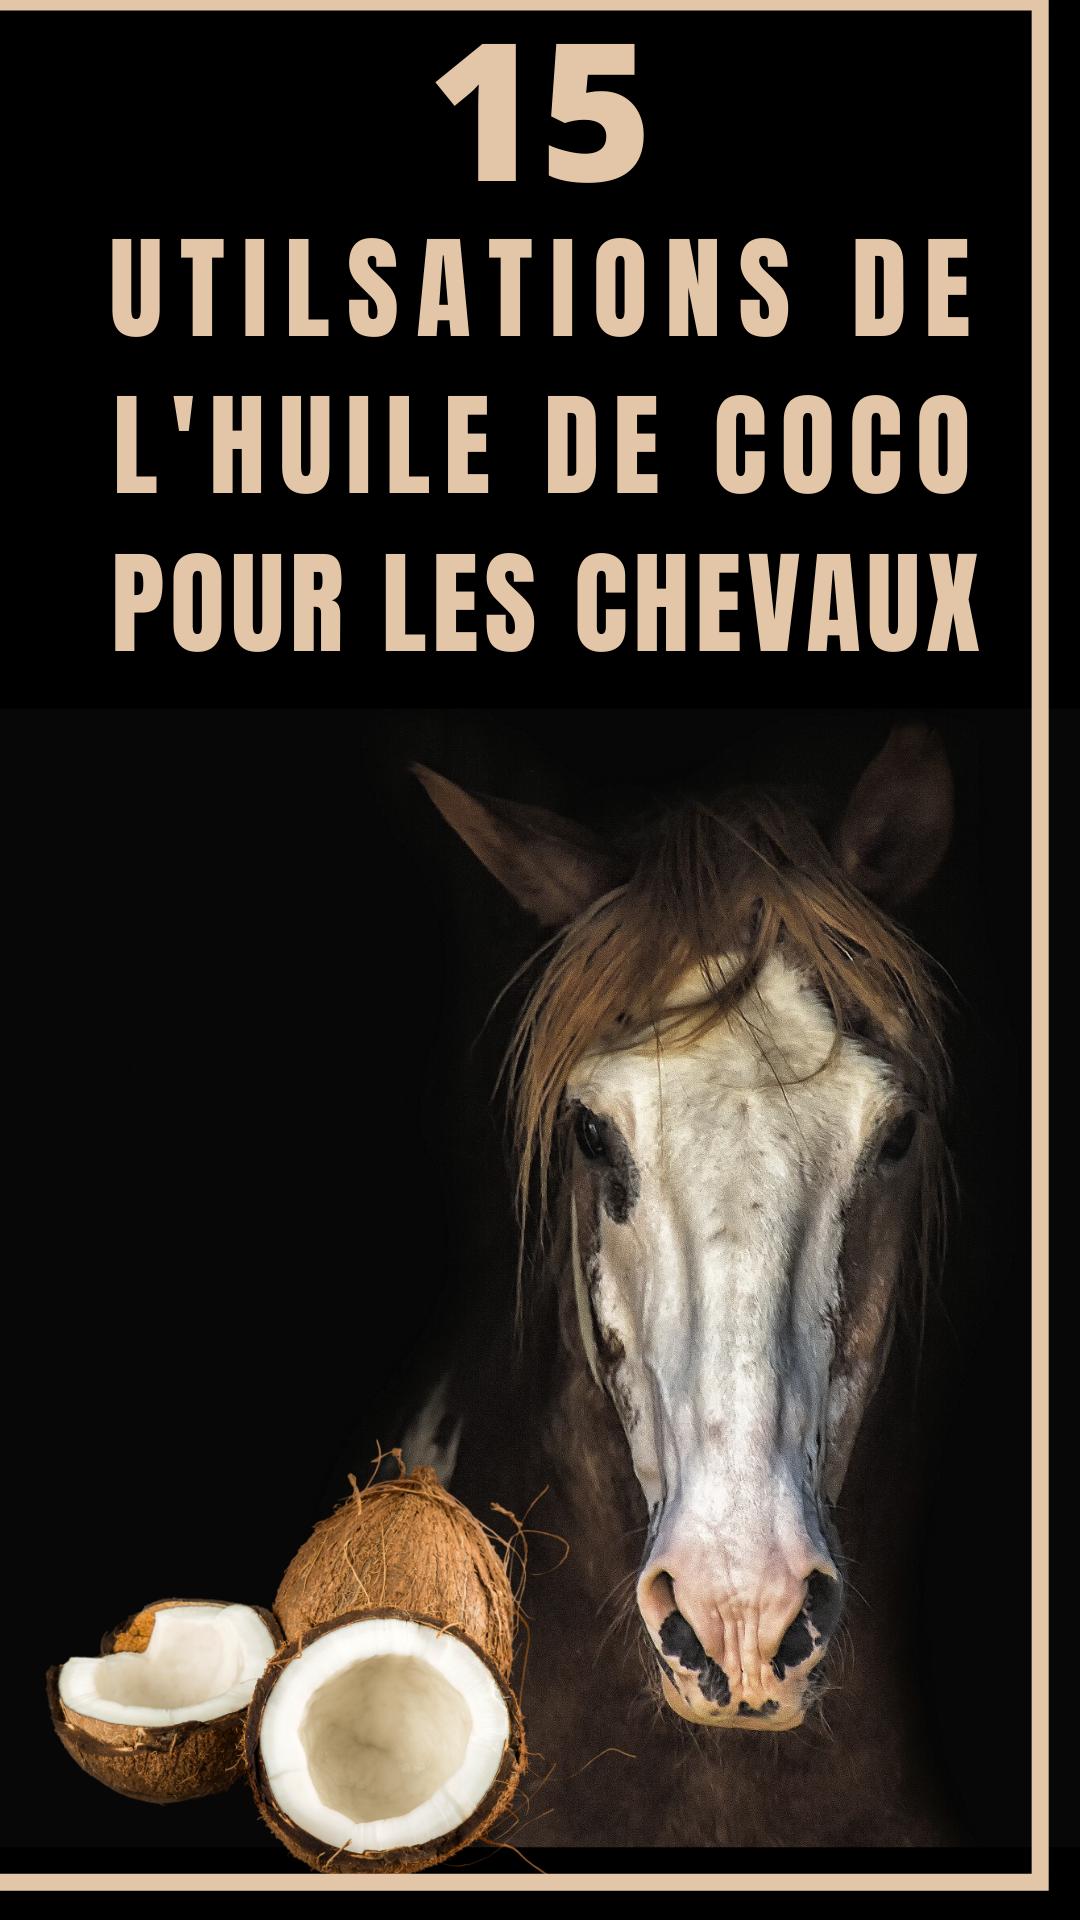 L Huile De Coco A De Nombreuses Vertus Pour Le Cheval On L Oublie Souvent Mais C Est Un Produit Naturel Et Peu Couteux Qui Rend Bi En 2020 Cheval Huile De Coco Huile